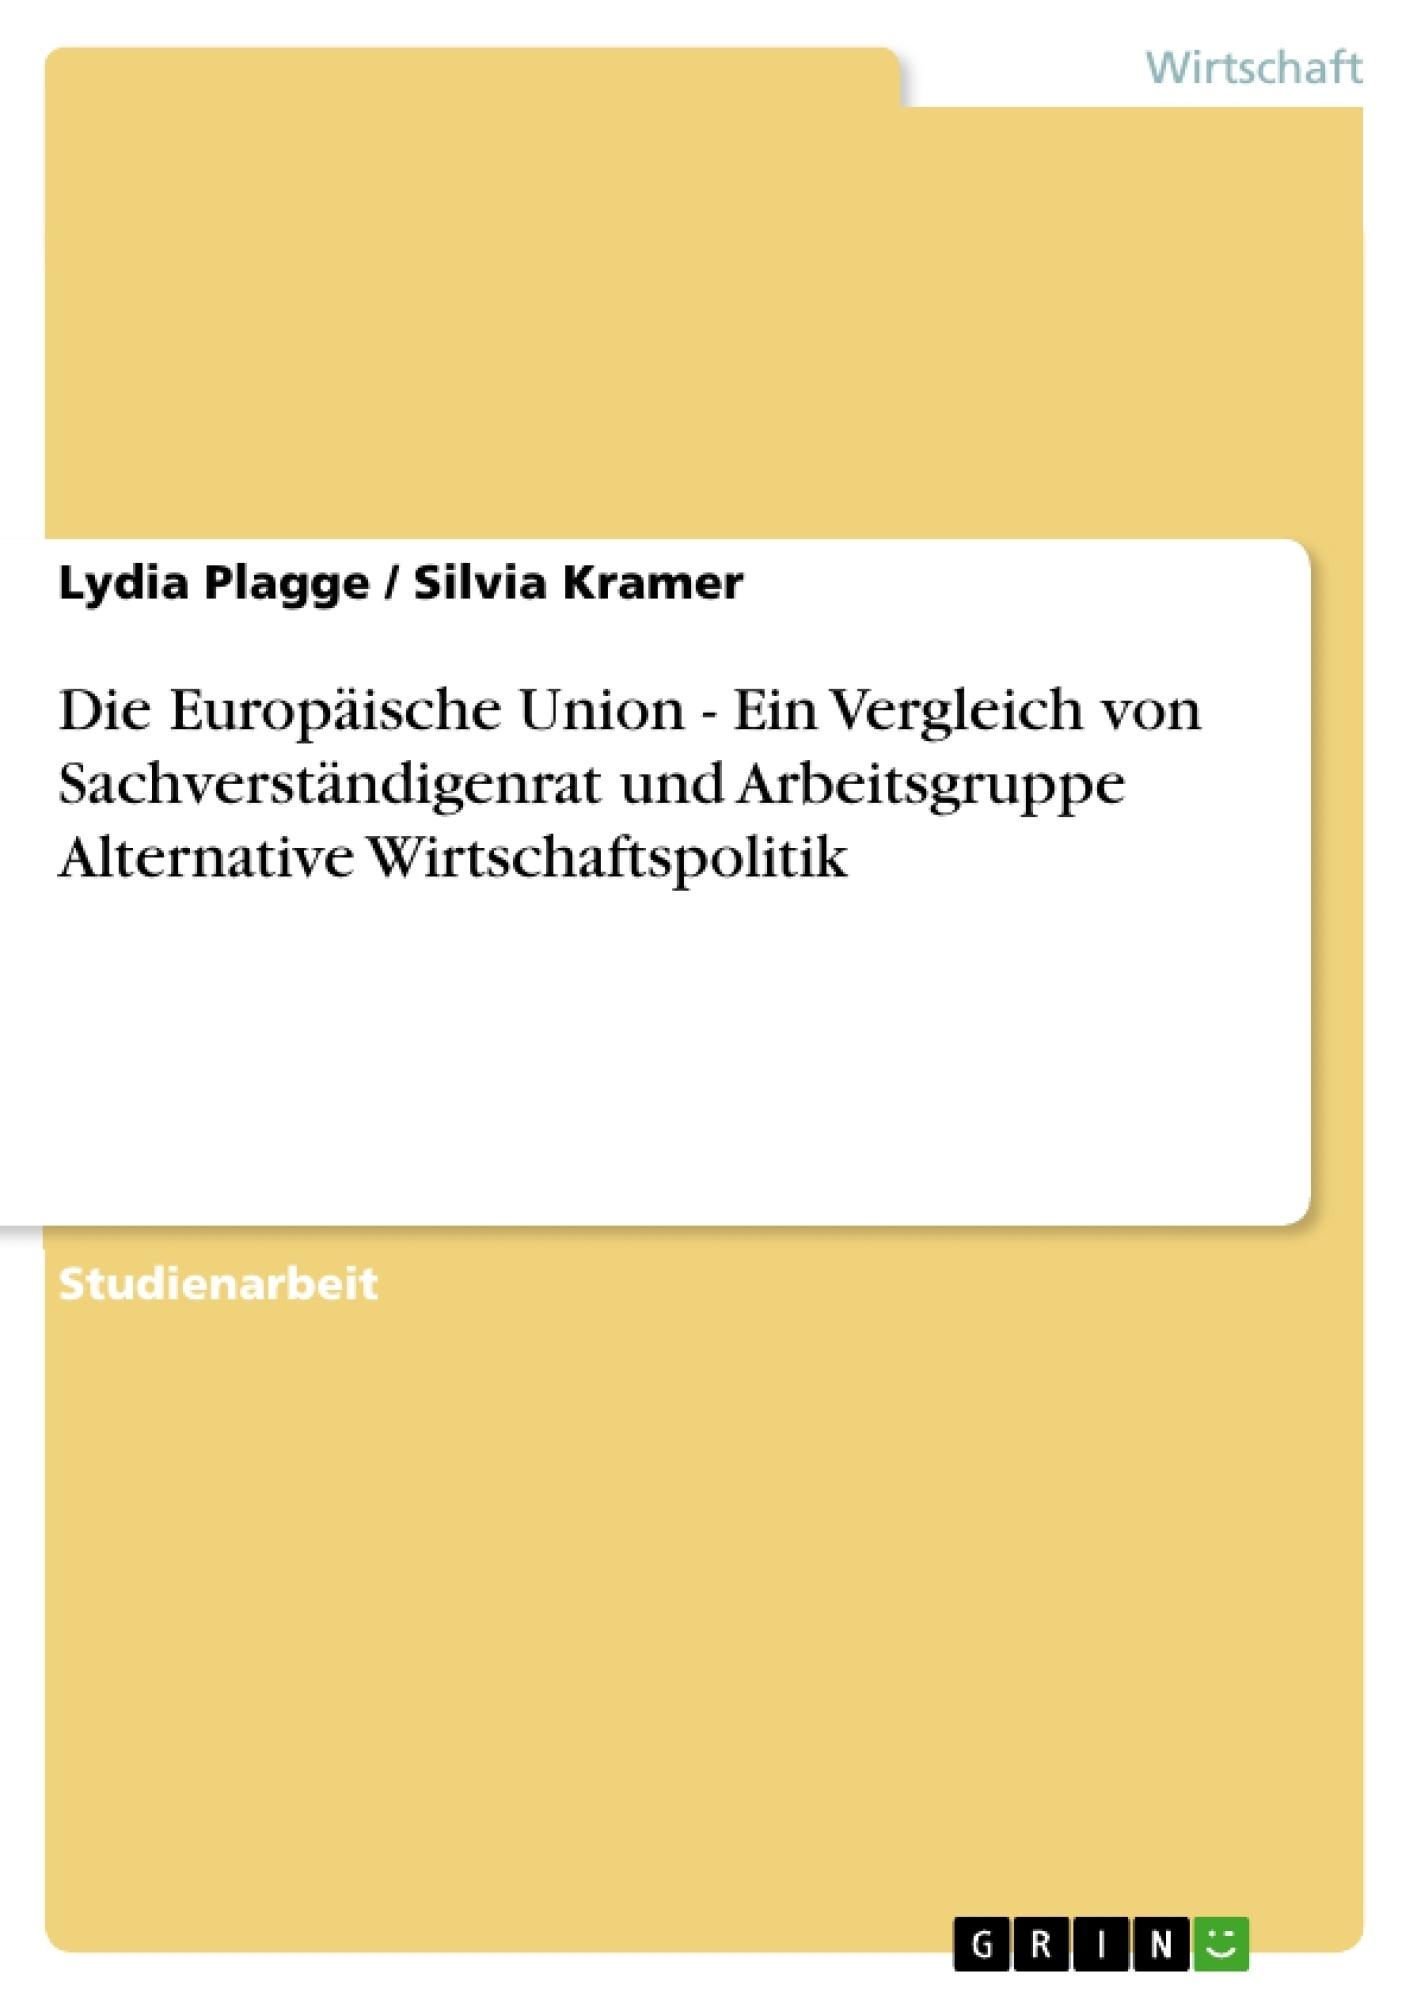 Titel: Die Europäische Union - Ein Vergleich von Sachverständigenrat und Arbeitsgruppe Alternative Wirtschaftspolitik